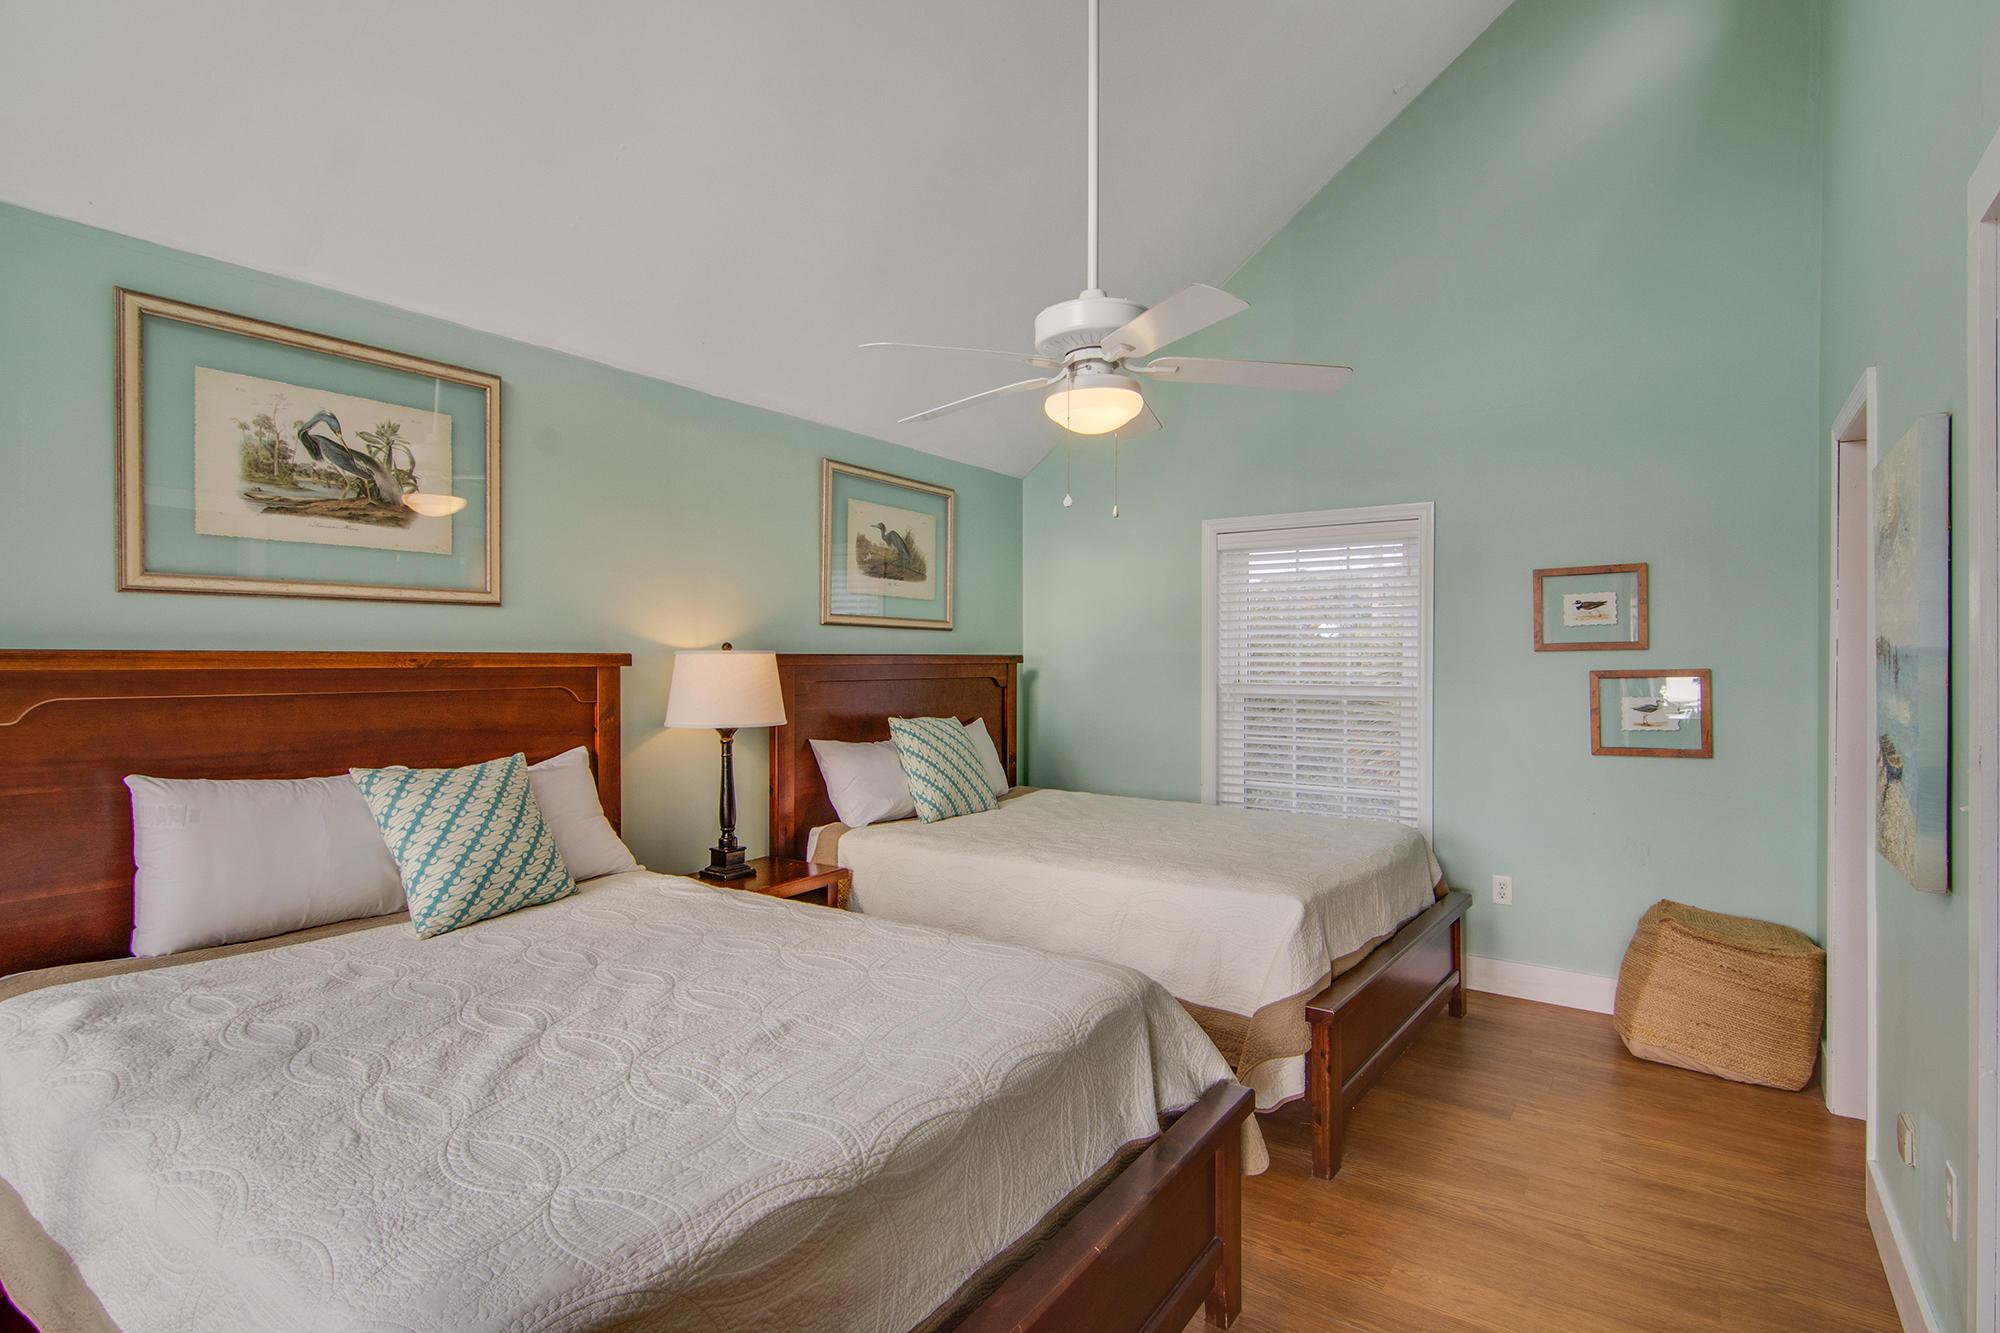 Folly Beach Homes For Sale - 1703 Ashley, Folly Beach, SC - 10